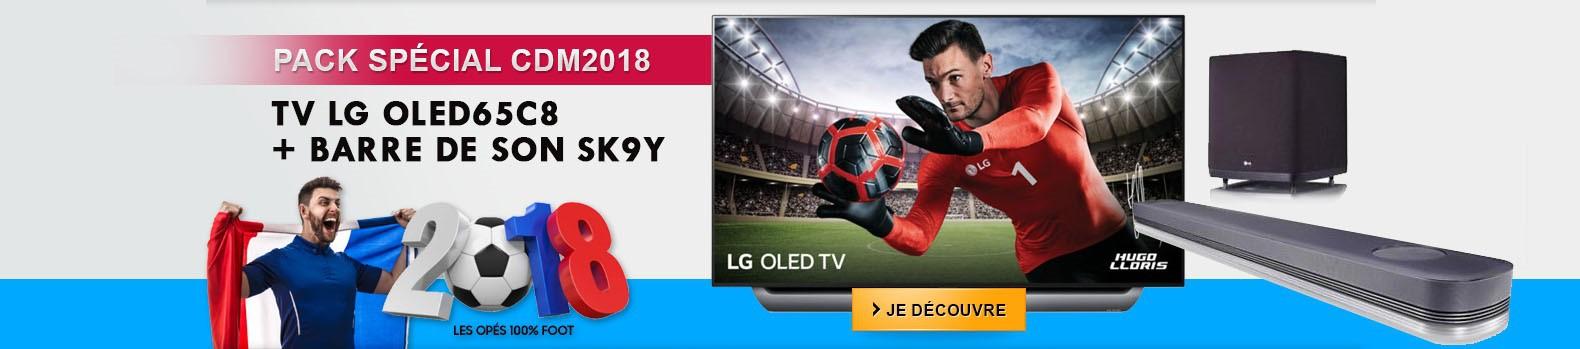 Promo coupe du coupe 2018 ! Votre pack LG TV OLED65C8 + Barre de son SK9Y à prix spécial